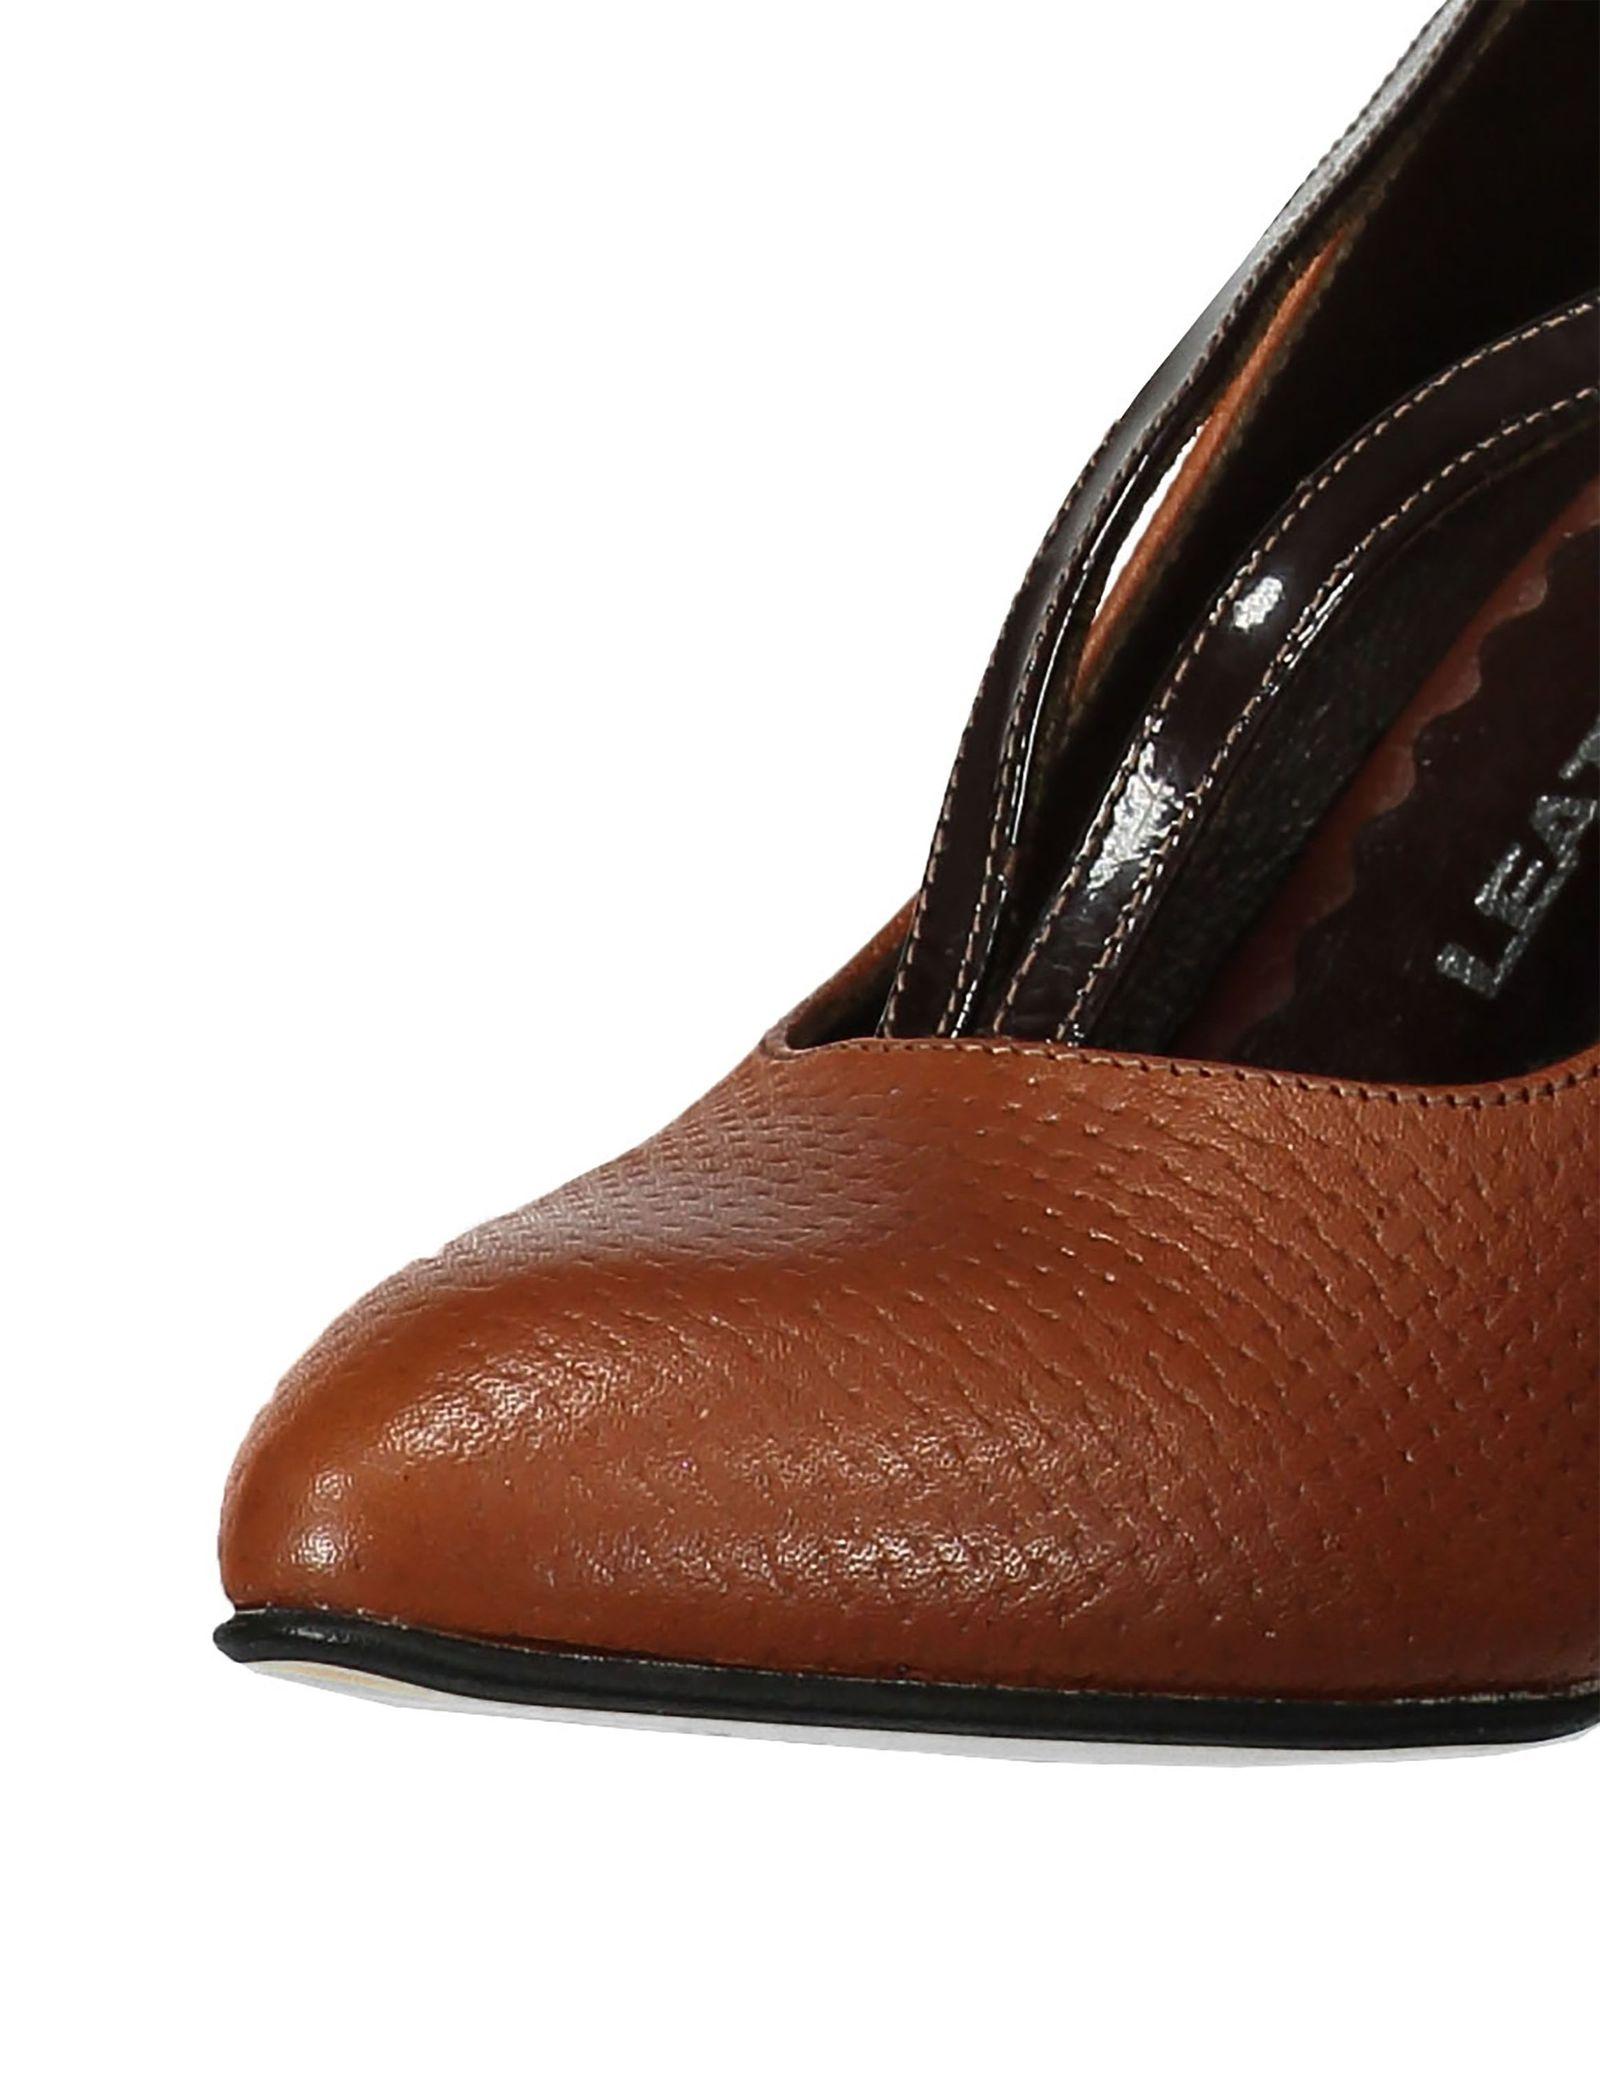 کفش پاشنه بلند چرم زنانه - شهر چرم - قهوه ای و عسلی - 4